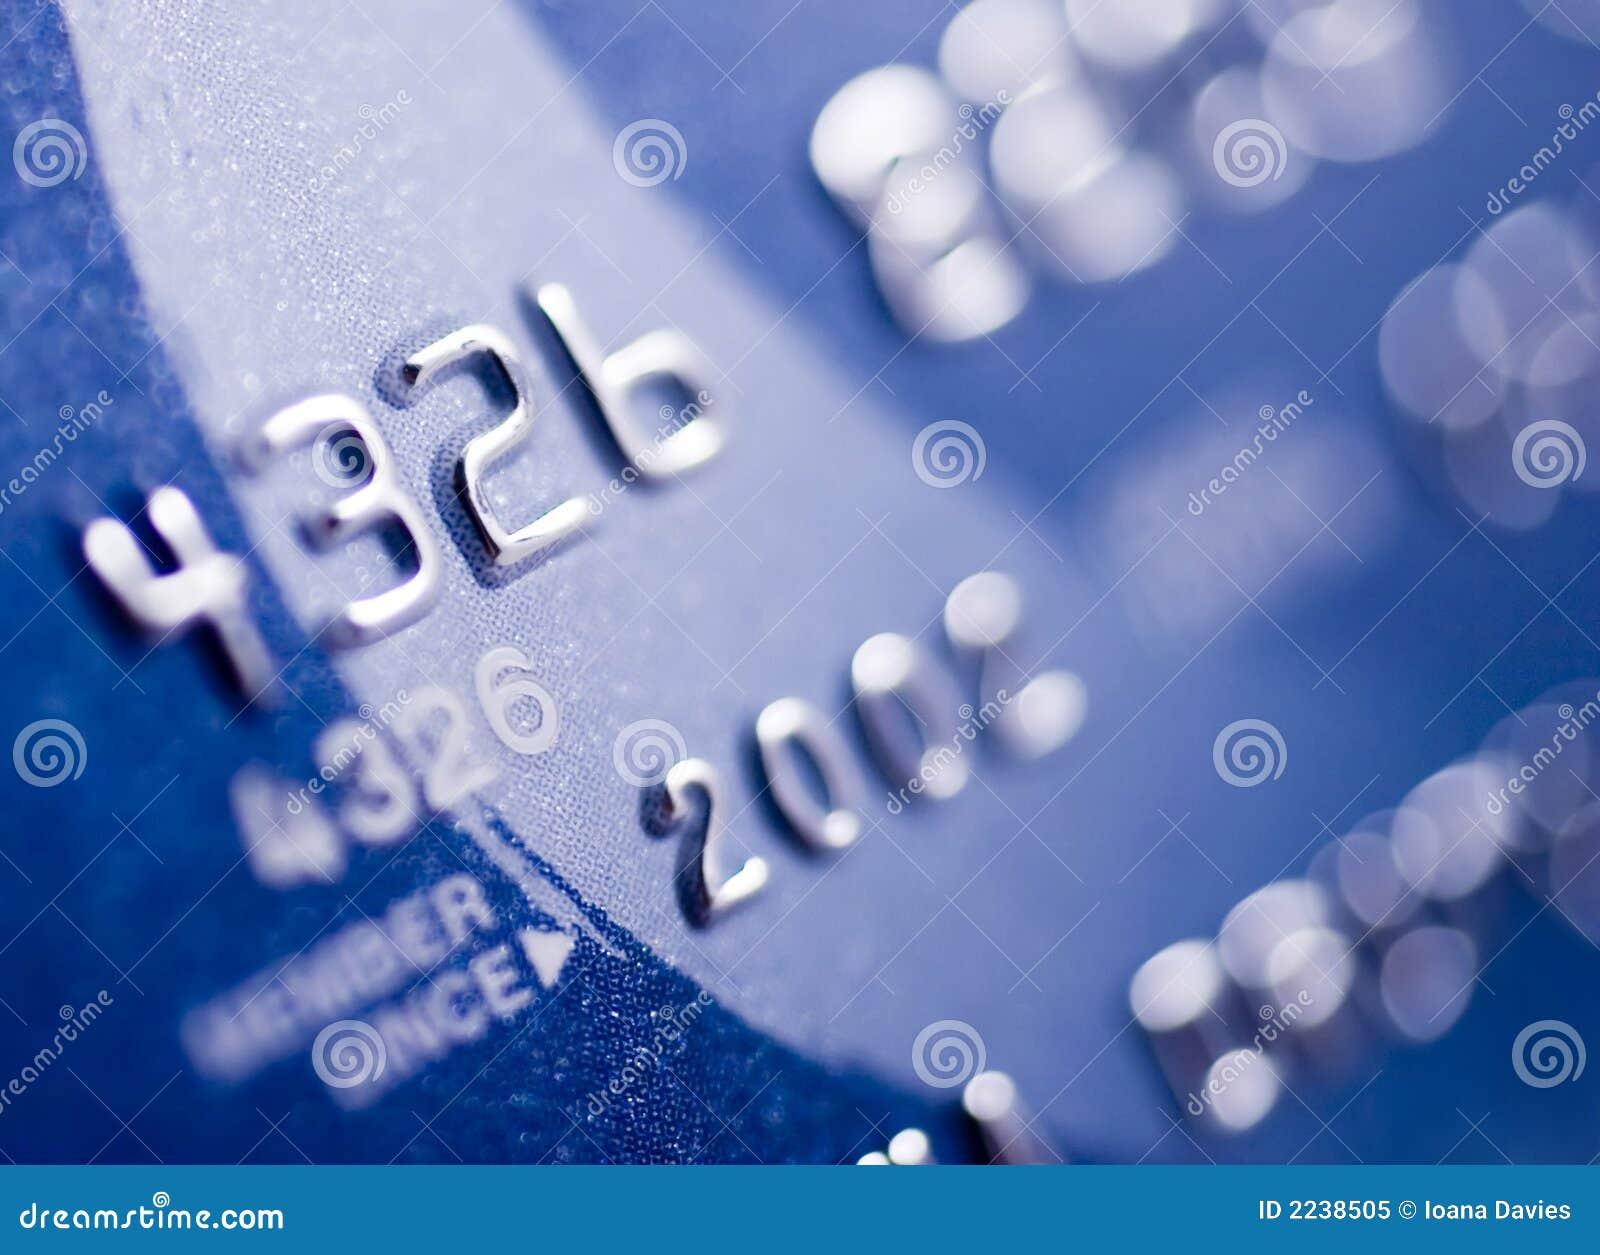 Una mirada más atenta en el crédito